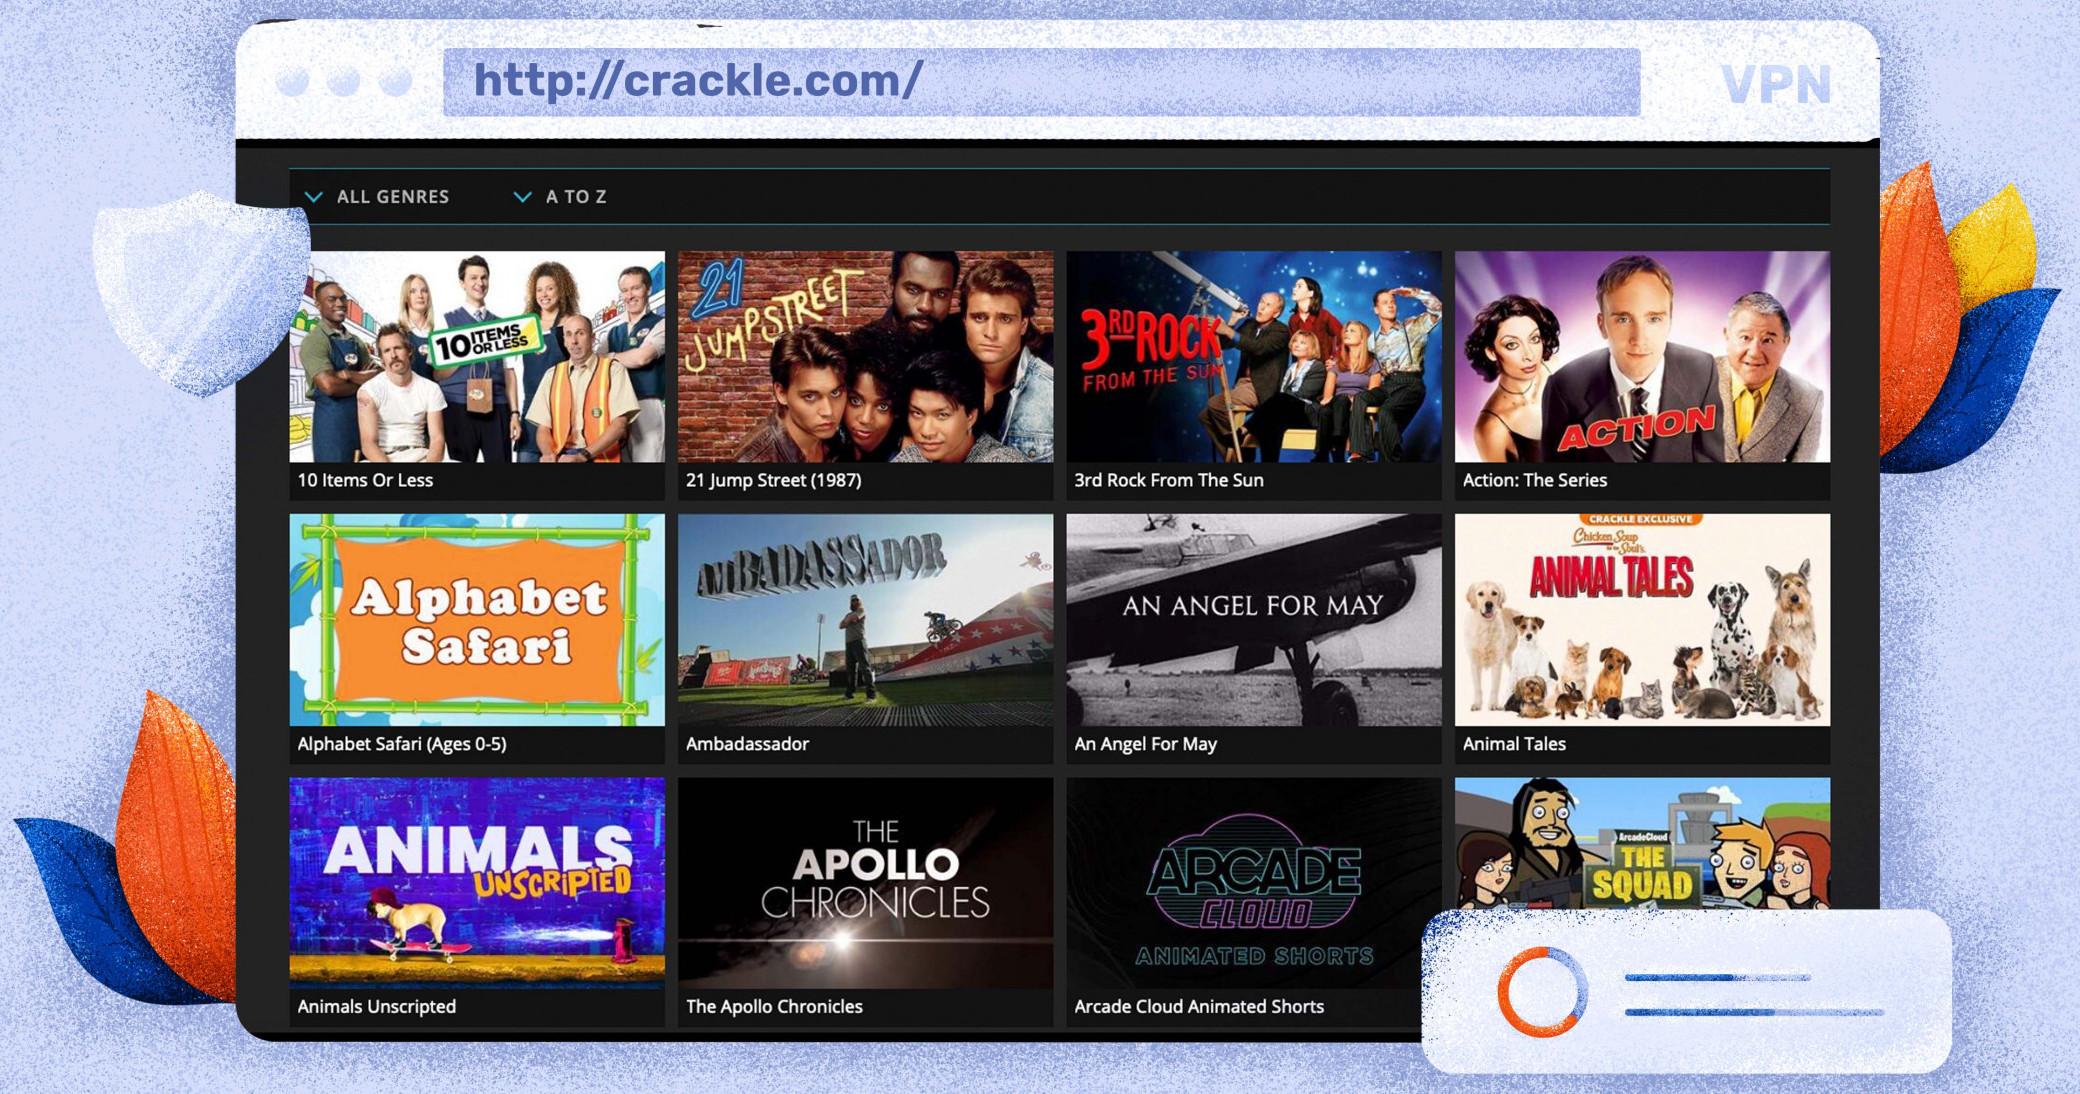 Sie können Inhalte kostenlos auf Crackle streamen